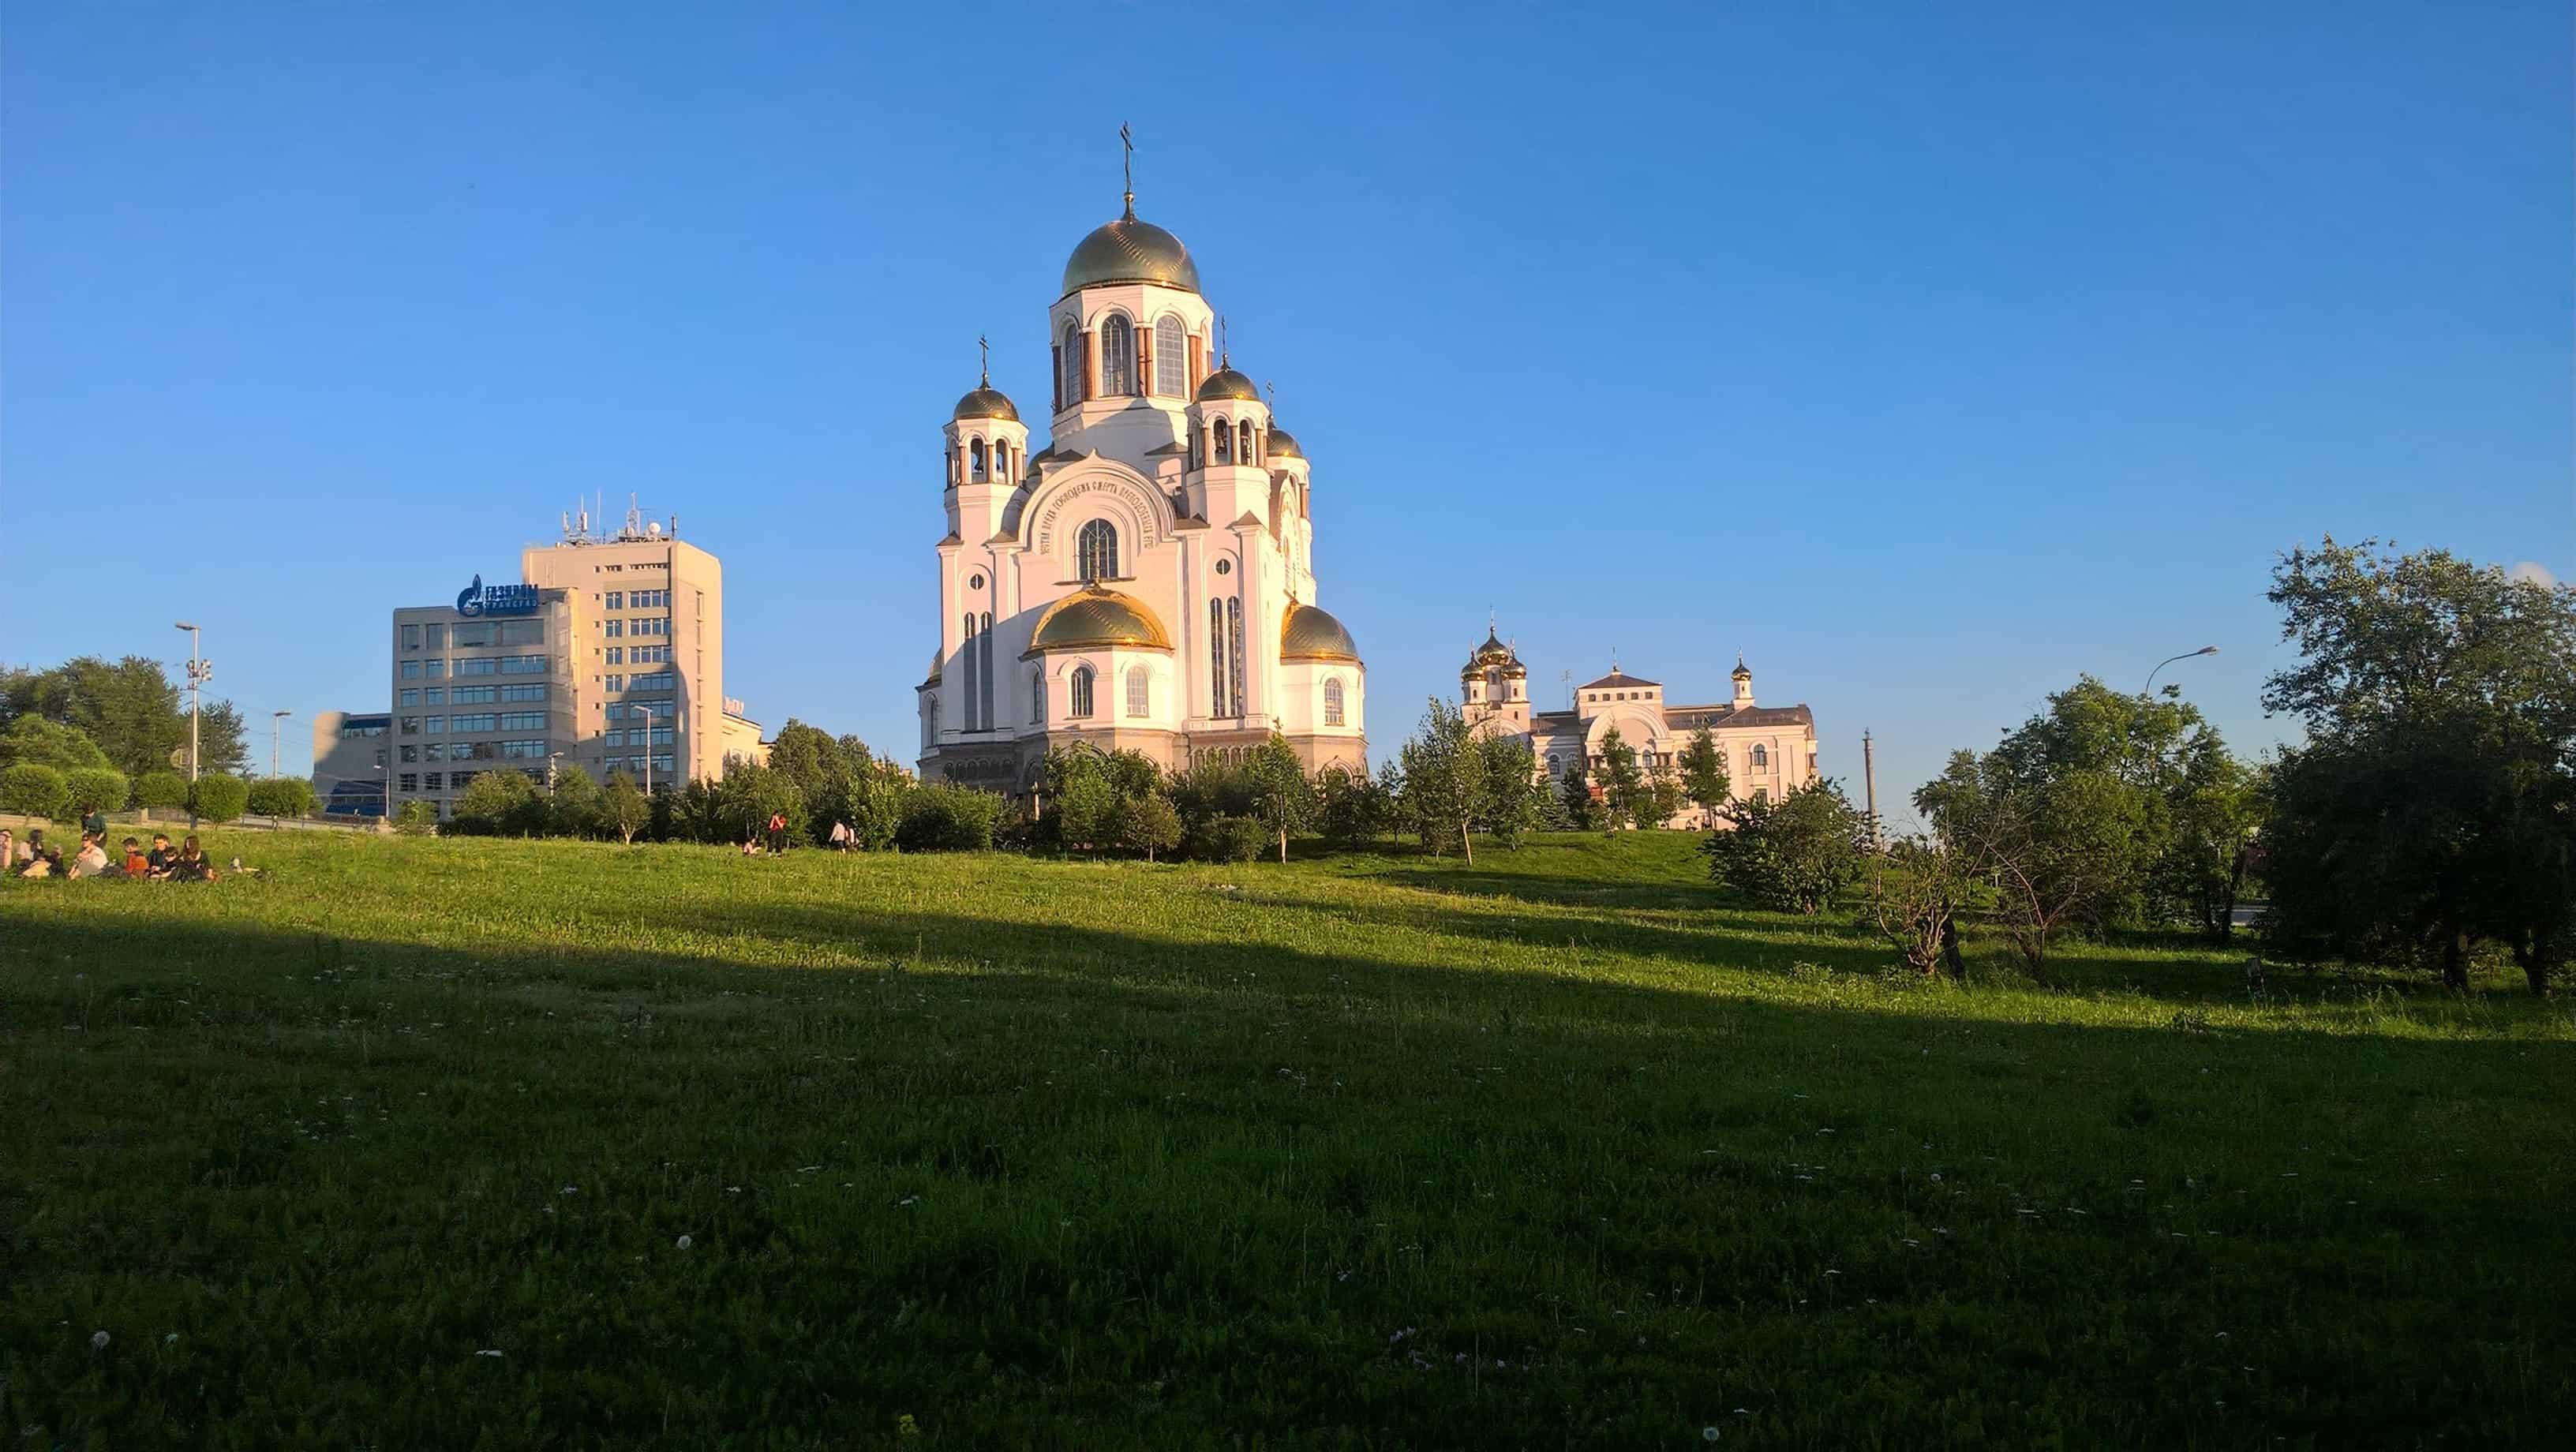 yekaterinburg church